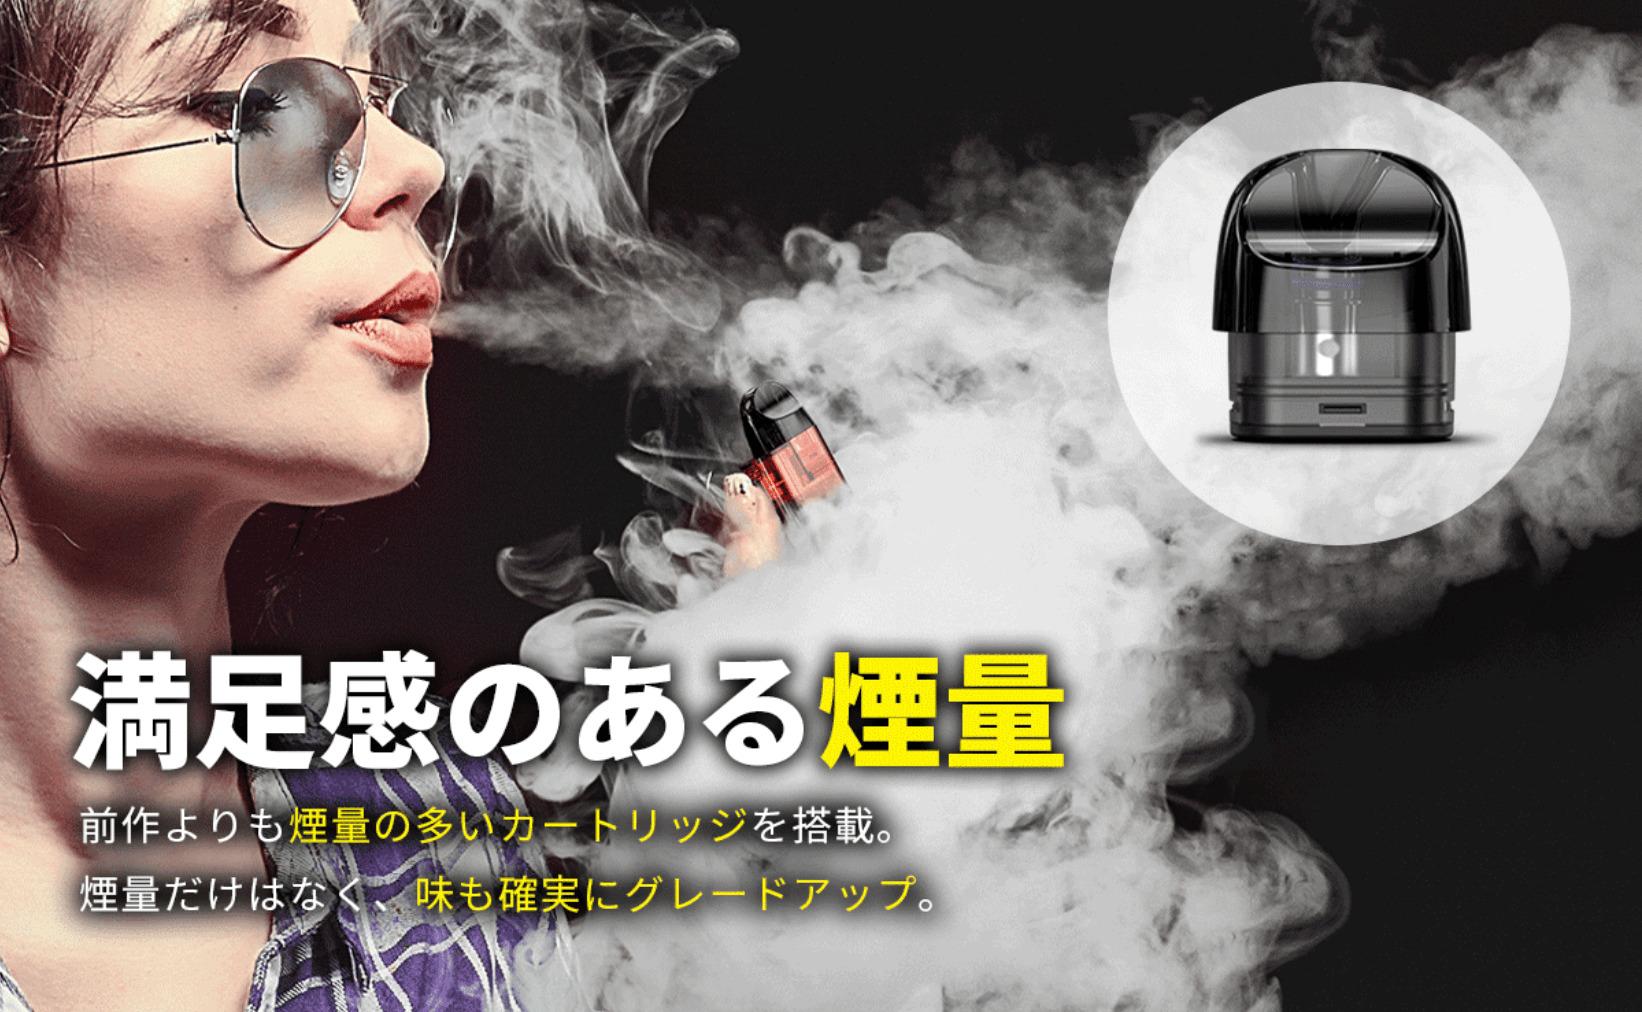 Minican plus(ミニカン プラス)のミスト量